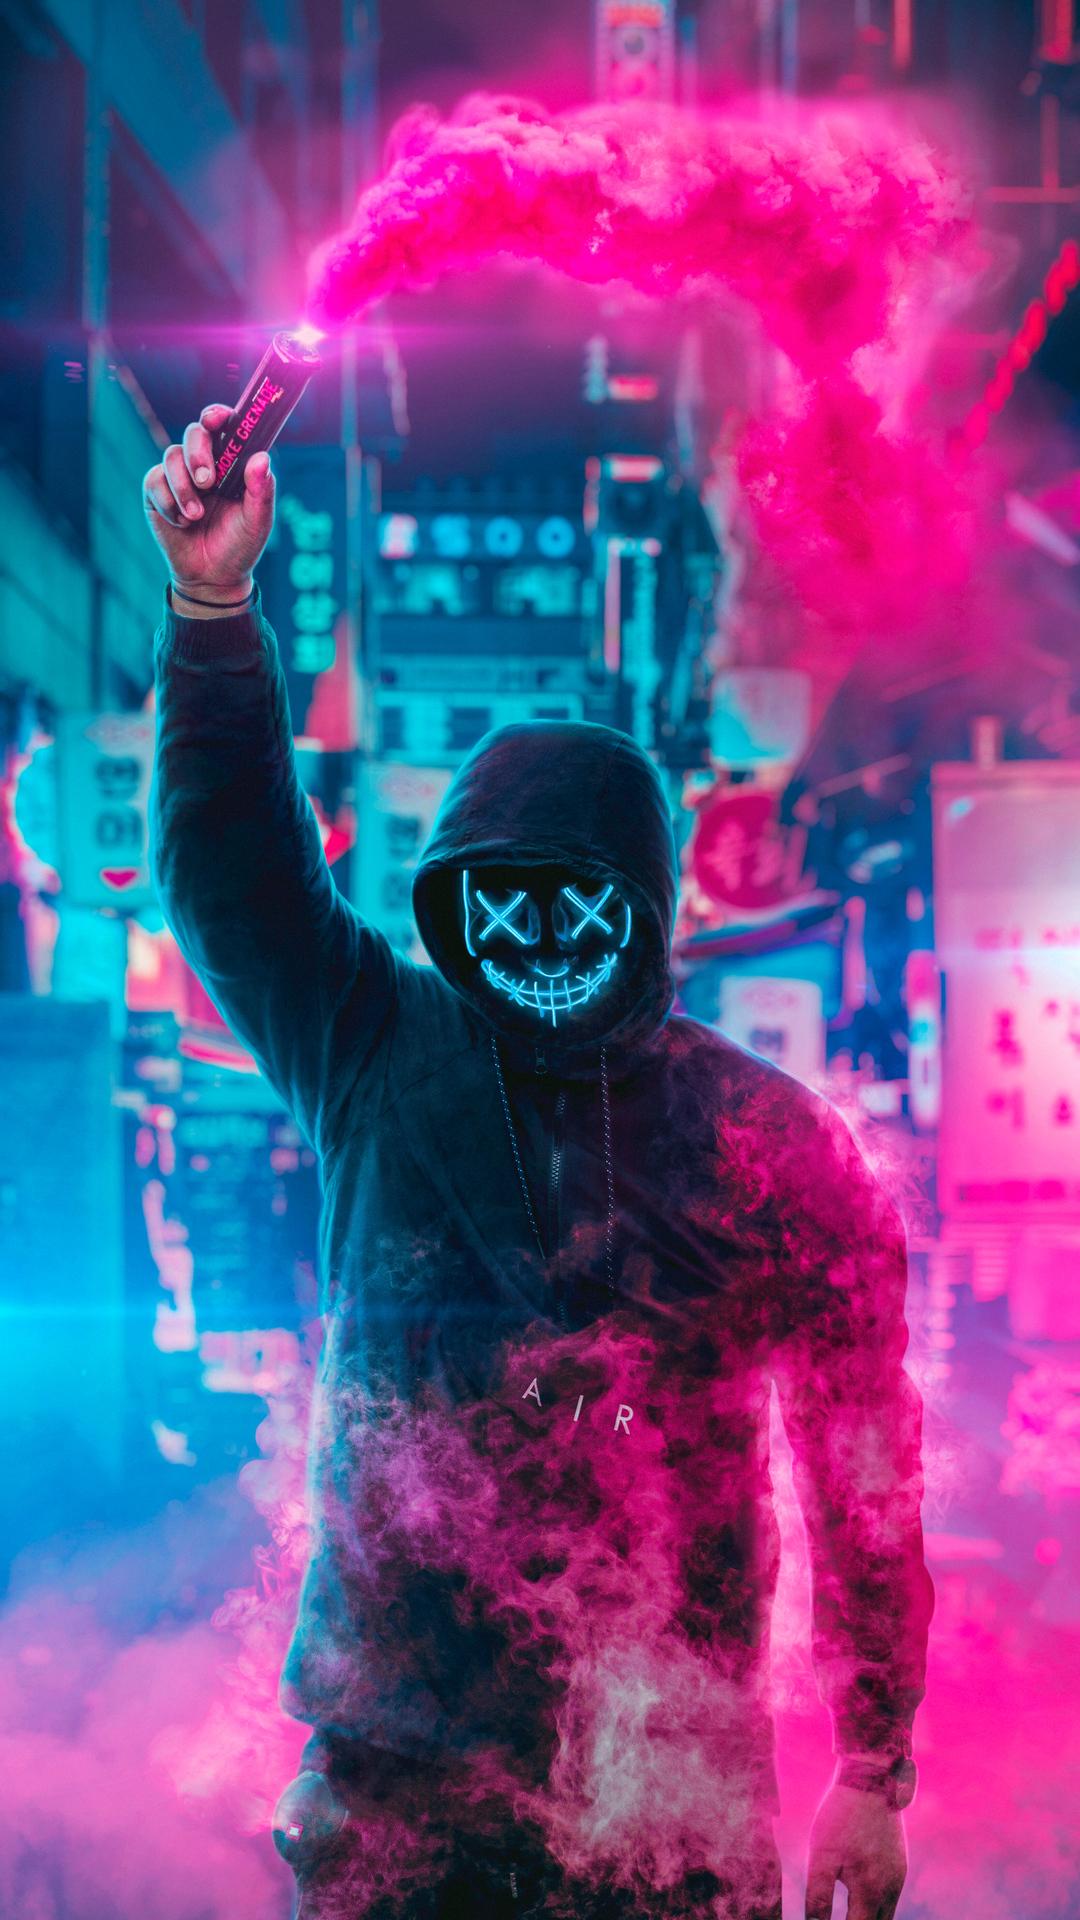 Mask Guy Neon Wallpaper